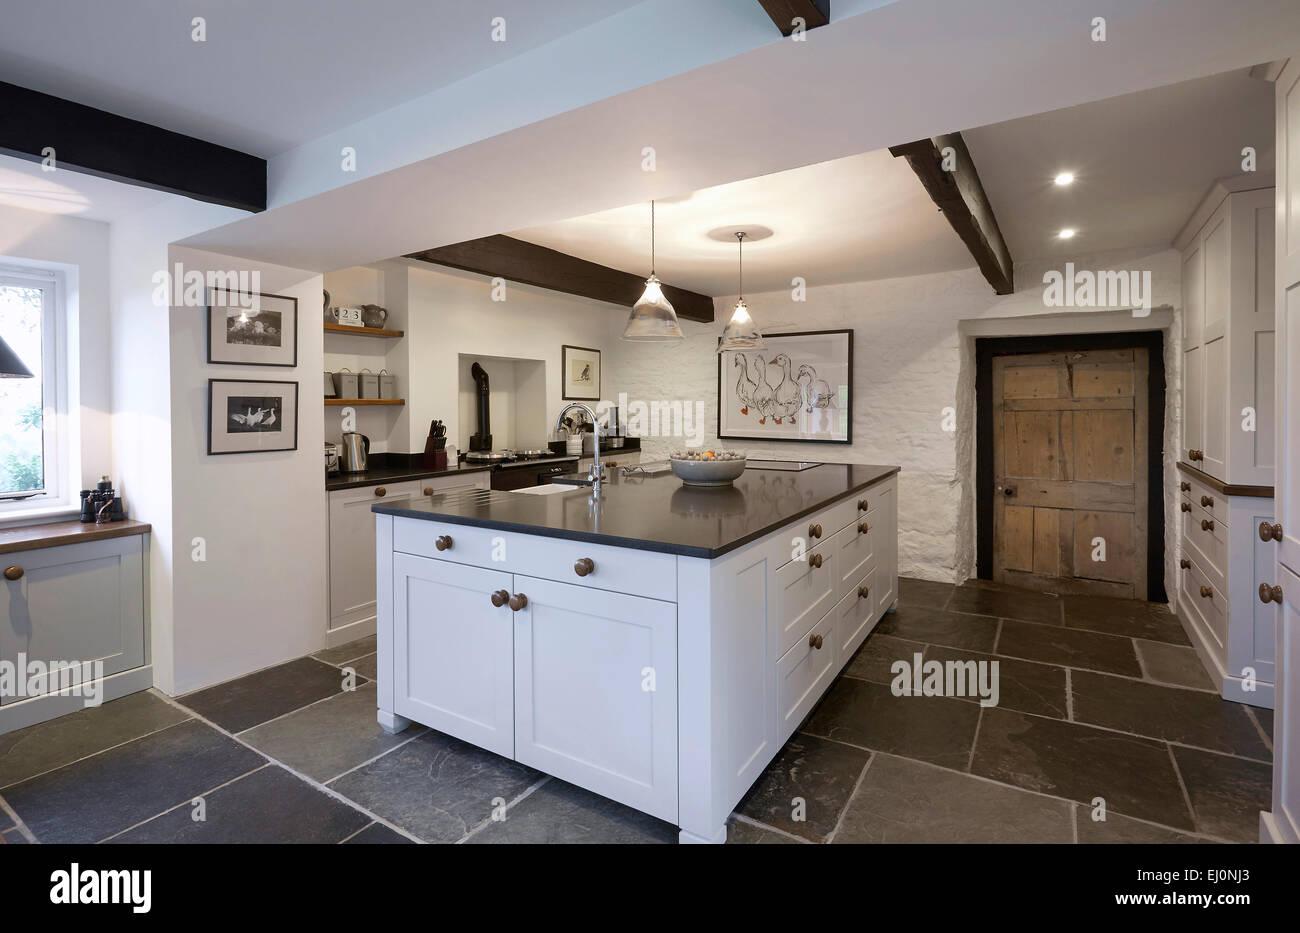 Asombroso Estilo Country Cocinas Reino Unido Imagen - Ideas de ...